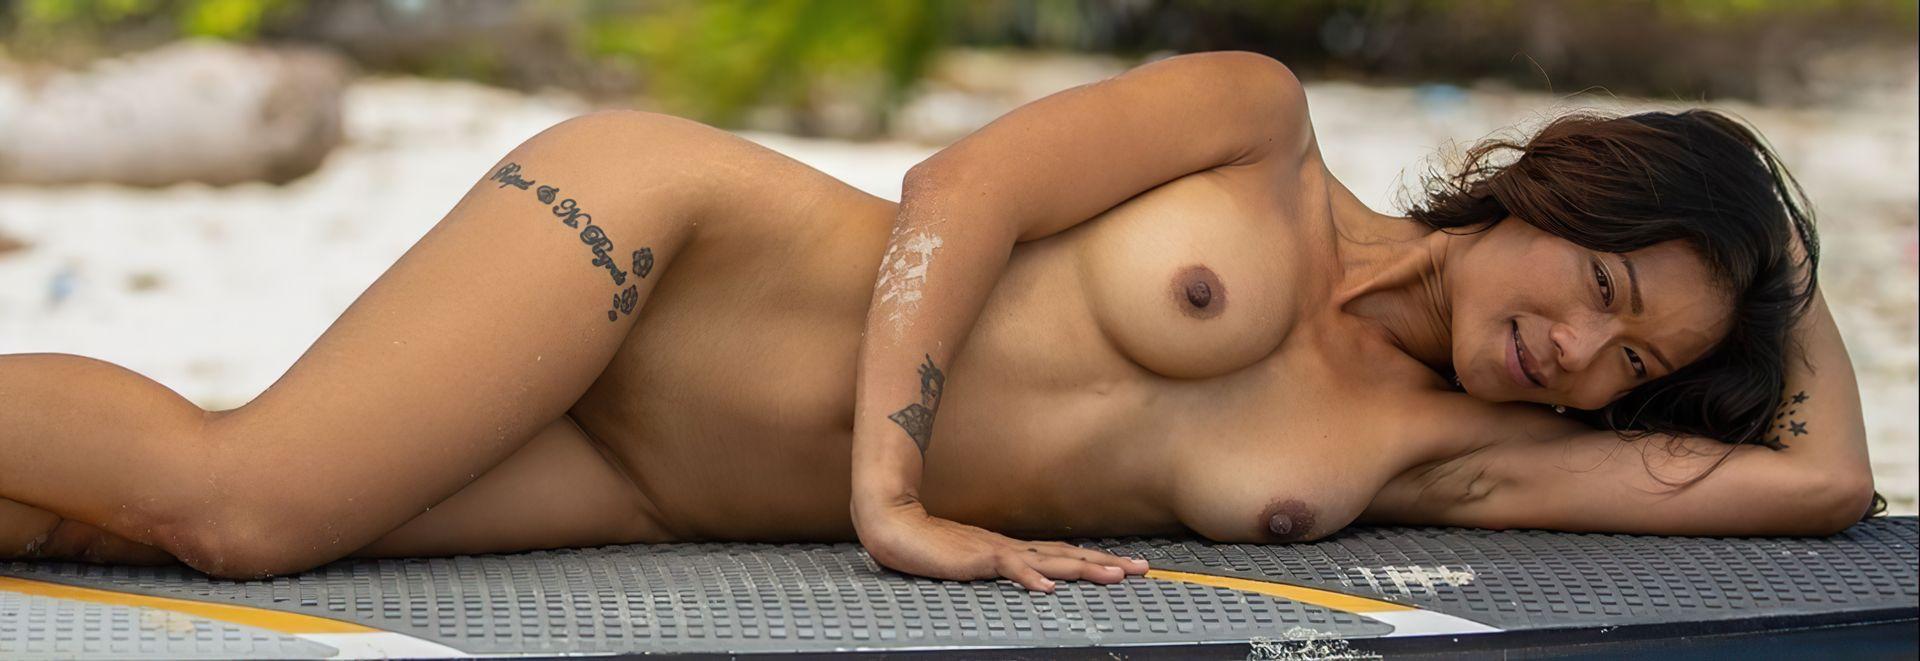 Maki Katana Nude – Catching A Wave 0029